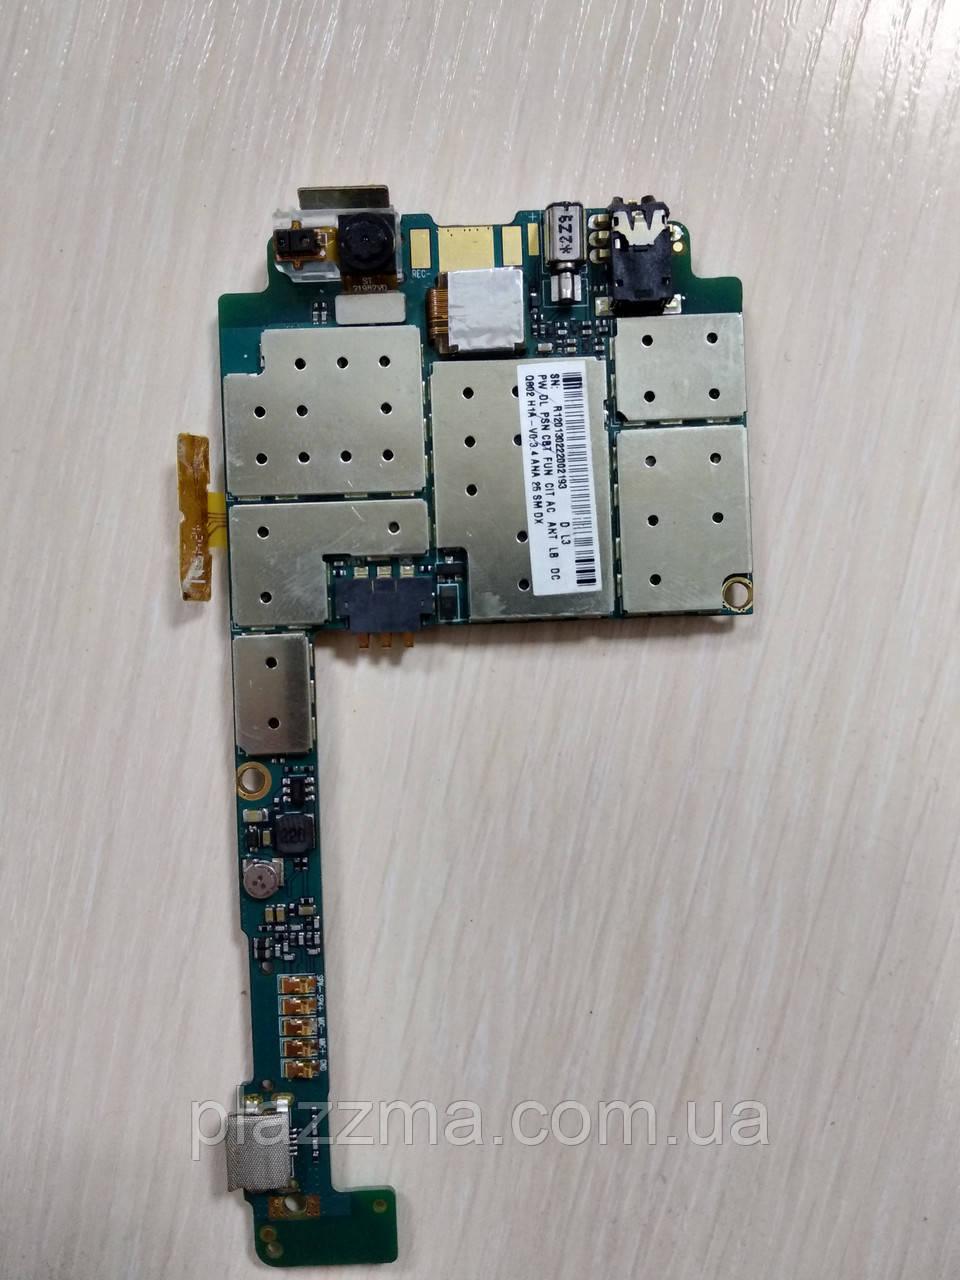 Плата q202_main_PCB_V1.4 камера 6912f-a2-e